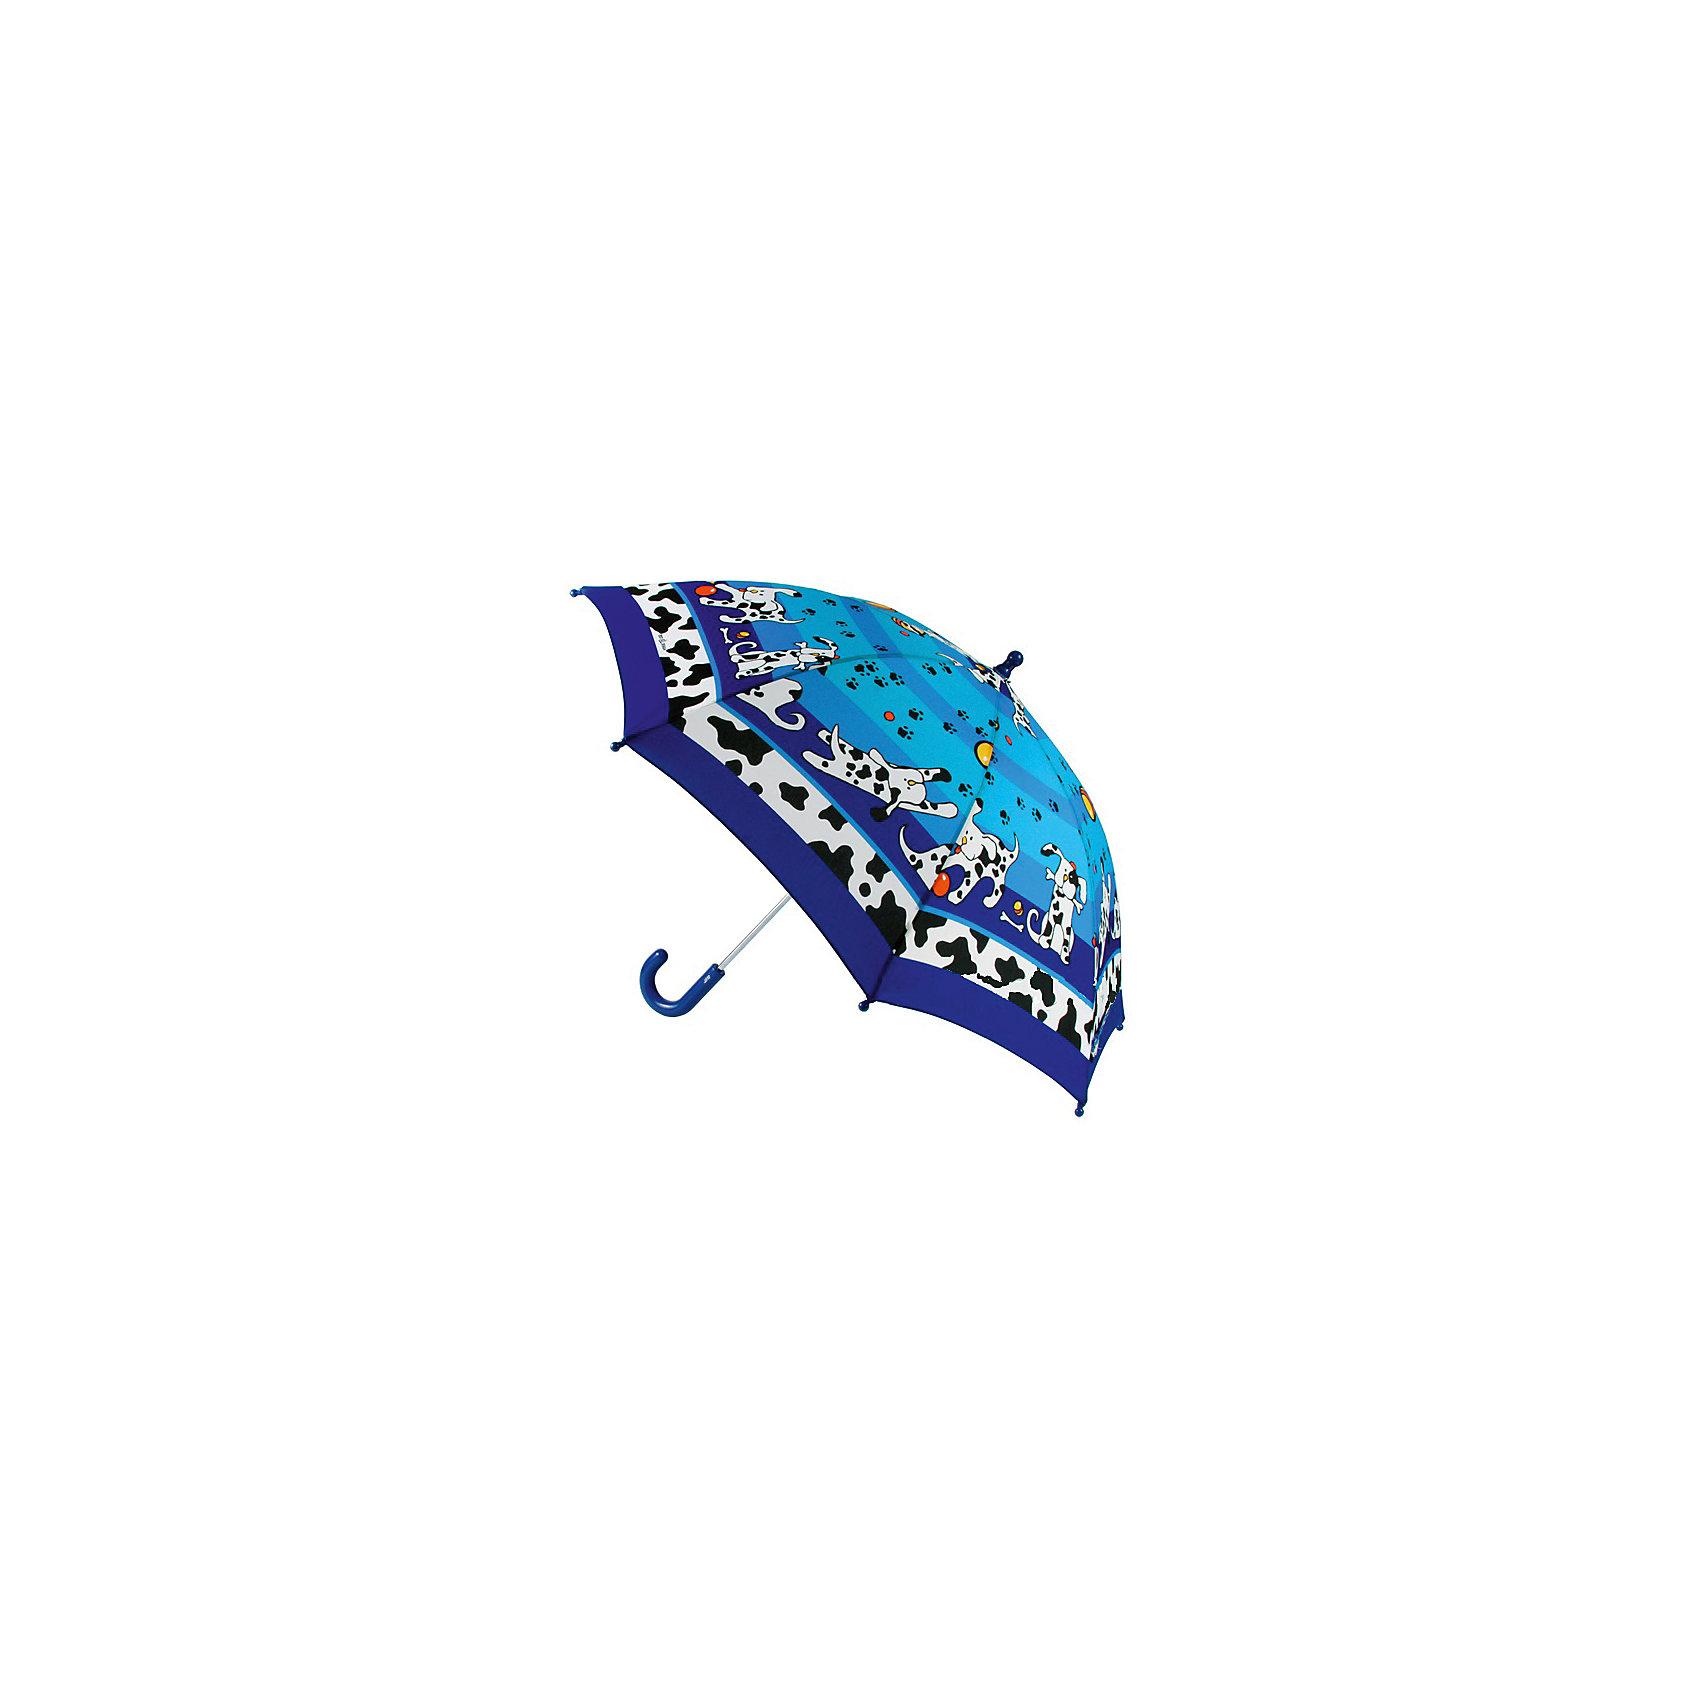 Зонт-трость, детский, рисунок Далматинцы, ZestКрасочный детский зонтик Zest 21551  со светодиодами (на кончиках спиц и на куполе в центре), трость, механика, 8 спиц, купол 78 см, материал купола полиэстер, ручка зонта из пластика, материал каркаса - сталь. Концы спиц зонтика прикрыты специальными колпачками-лампочками. ВЕТРОУСТОЙЧИВАЯ КОНСТРУКЦИЯ. Внимание! В сильный ветер не эксплуатировать! Зонт может сломаться. Гарантия 6 месяцев, срок службы 5 лет. Необходимы 2 батарейки типа ААА<br><br>Ширина мм: 9999<br>Глубина мм: 9999<br>Высота мм: 690<br>Вес г: 280<br>Возраст от месяцев: 36<br>Возраст до месяцев: 2147483647<br>Пол: Унисекс<br>Возраст: Детский<br>SKU: 5578881